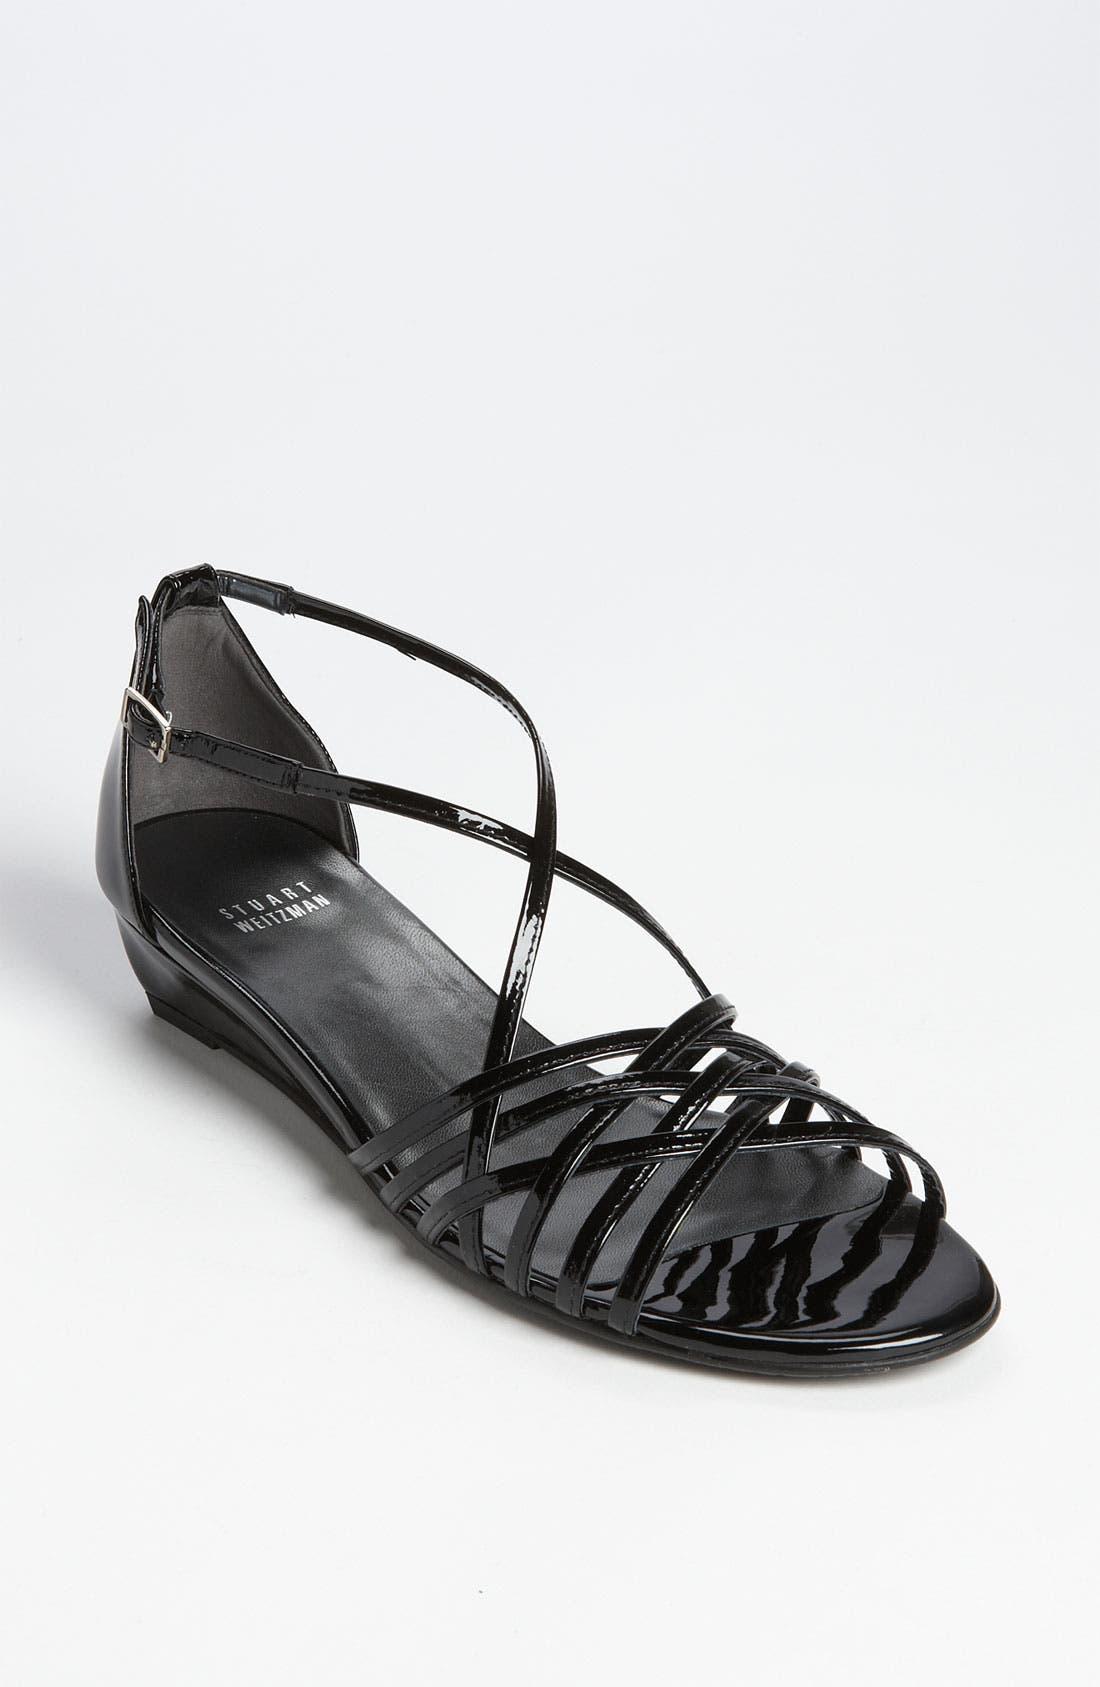 Main Image - Stuart Weitzman 'Awaywego' Sandal